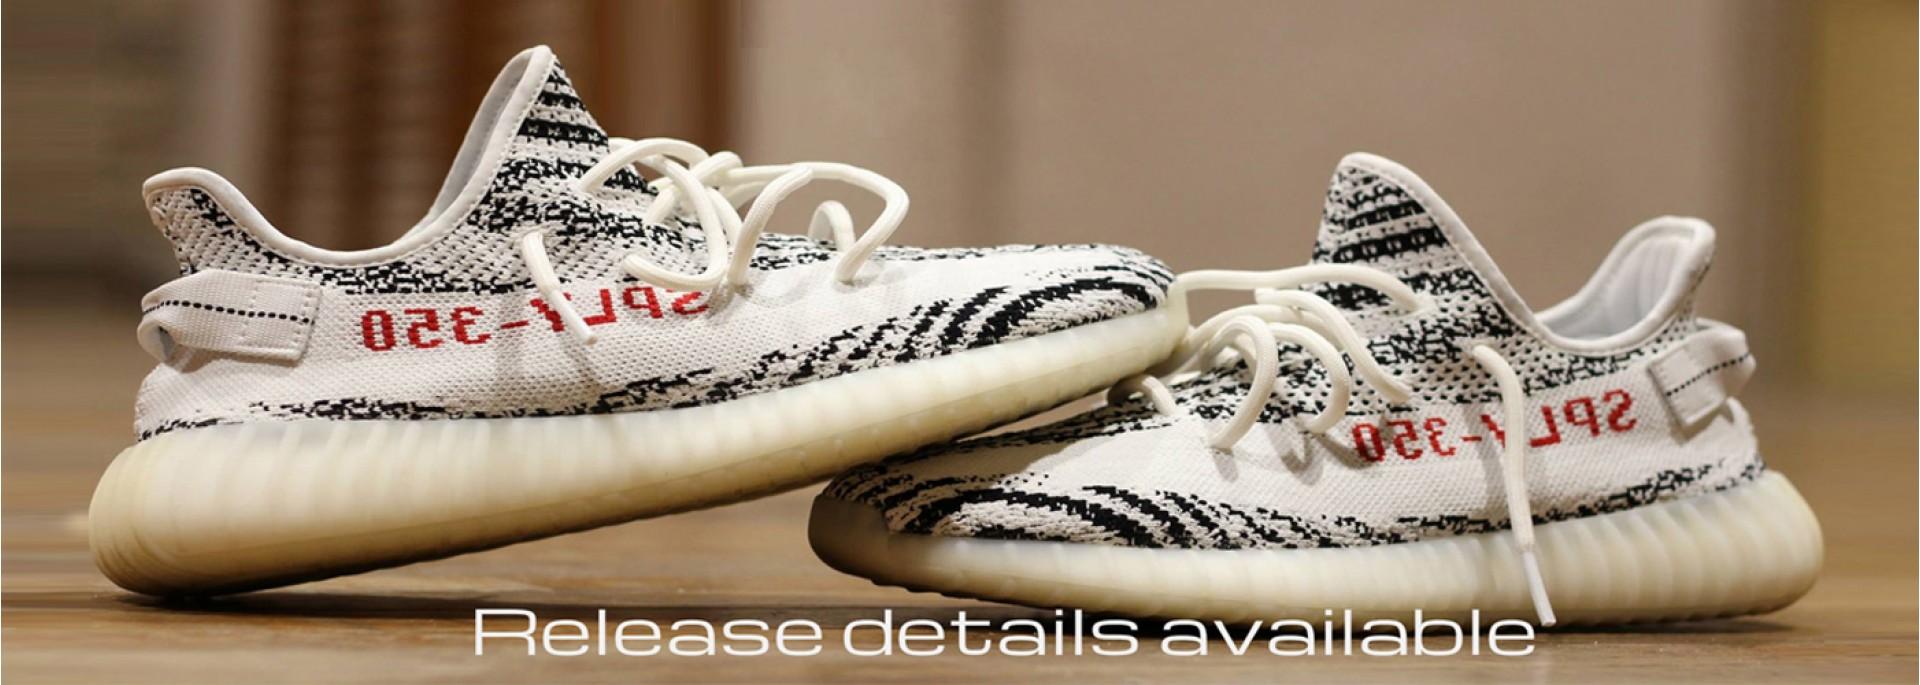 online günstig auf Schuhe kaufen Adidas hebbe co n0O8wPk